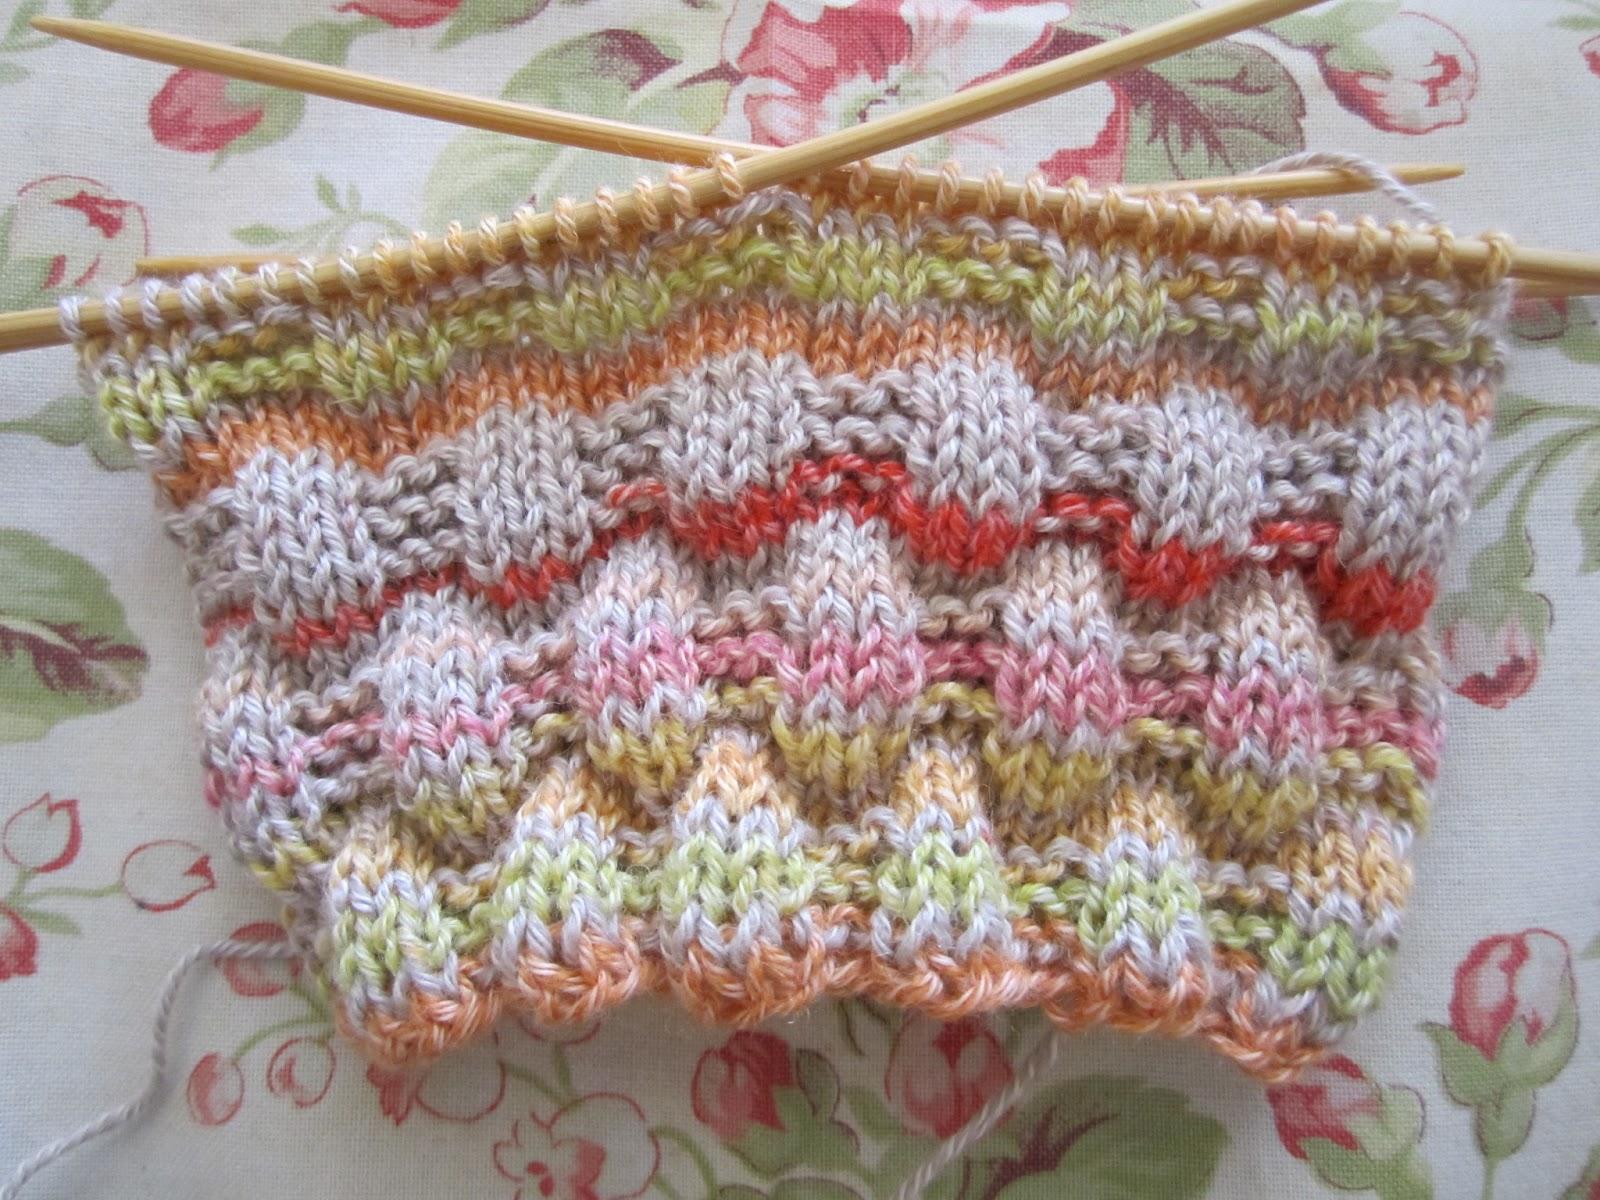 Tageswerke - mein Handarbeitsblog: Baumwollsocken für den Sommer ...